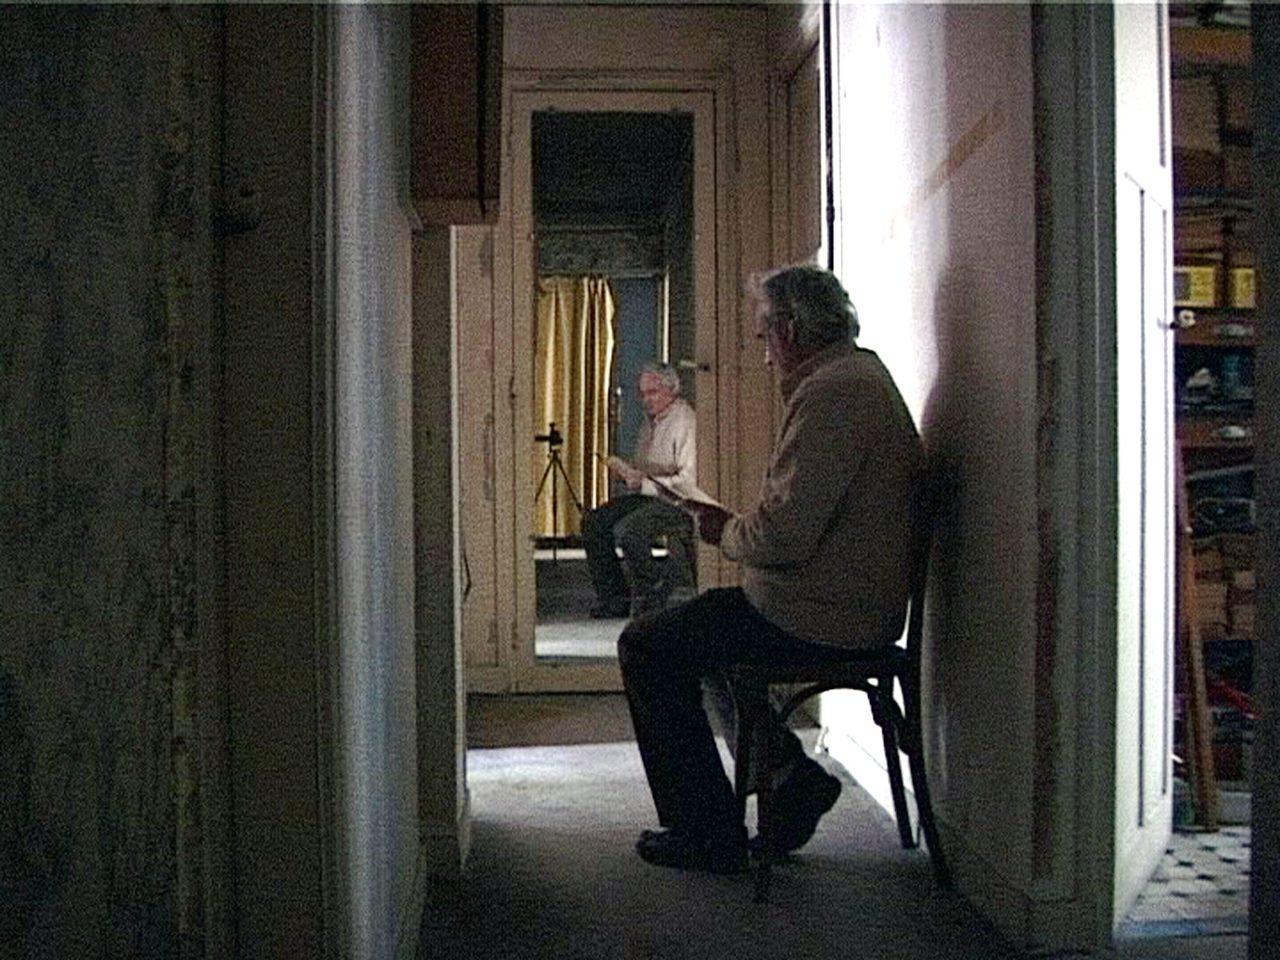 De son appartement (2007), de Jean-Claude Rousseau